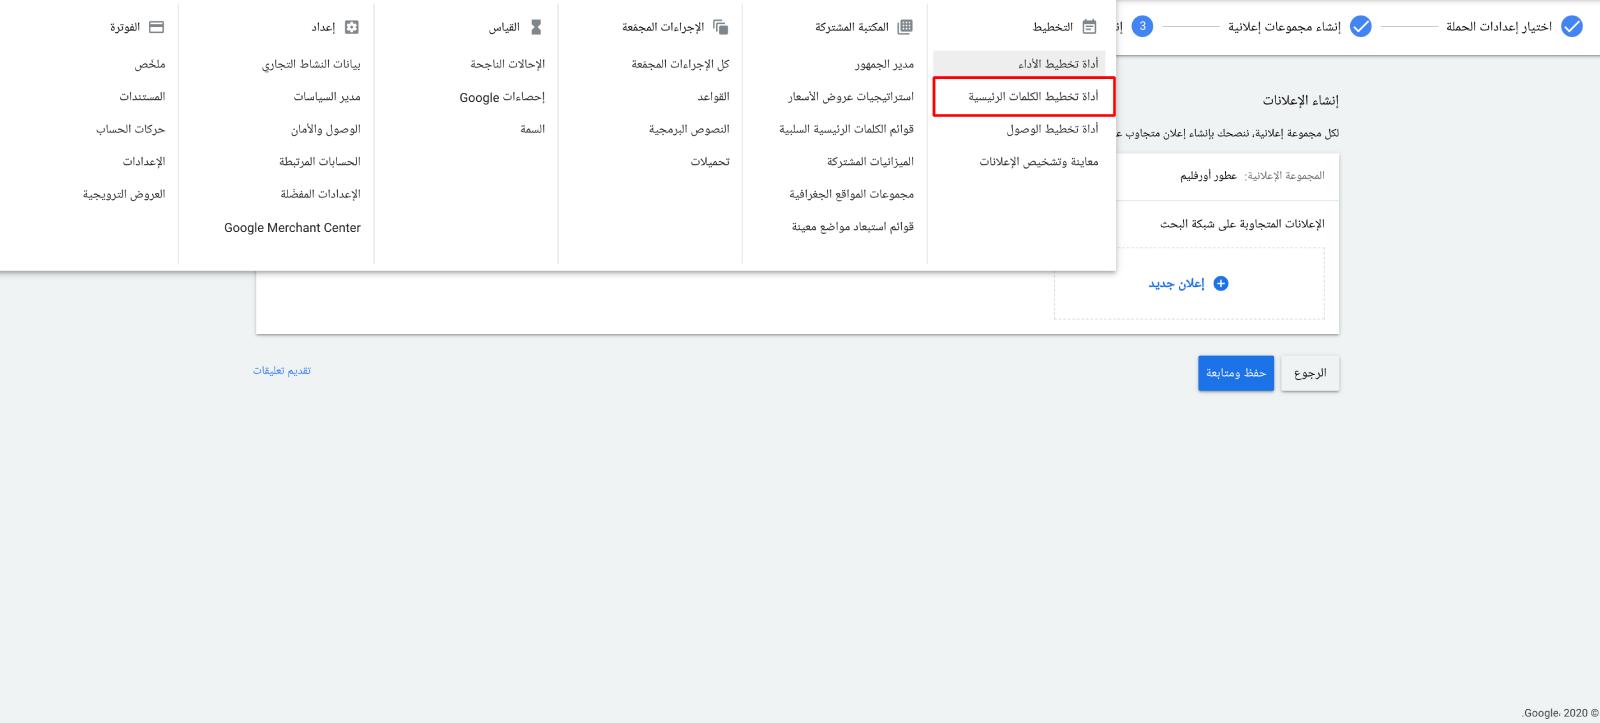 اختيار الكلمات الرئيسية لإعلان جوجل